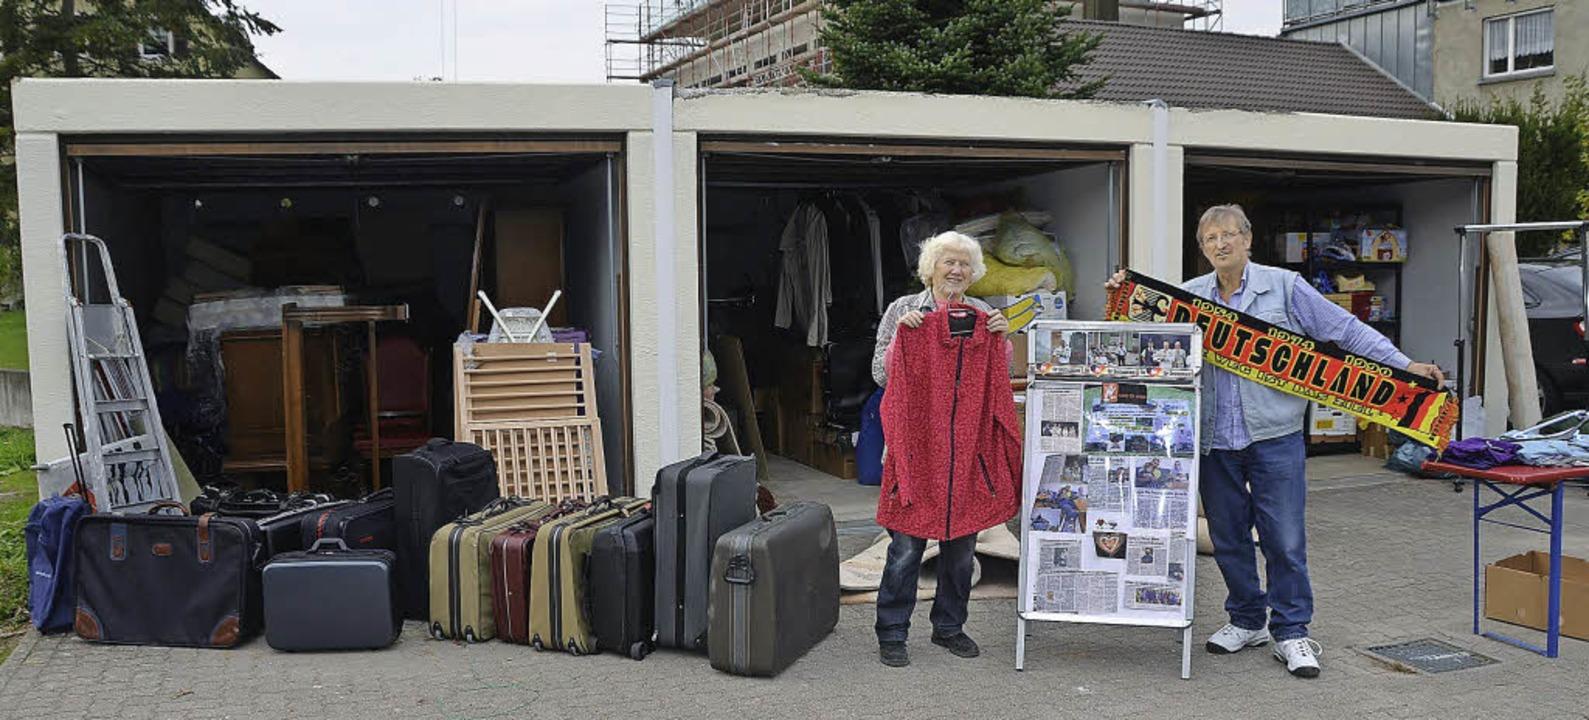 in drei garagen mehr platz f r hilfsg ter r mmingen badische zeitung. Black Bedroom Furniture Sets. Home Design Ideas